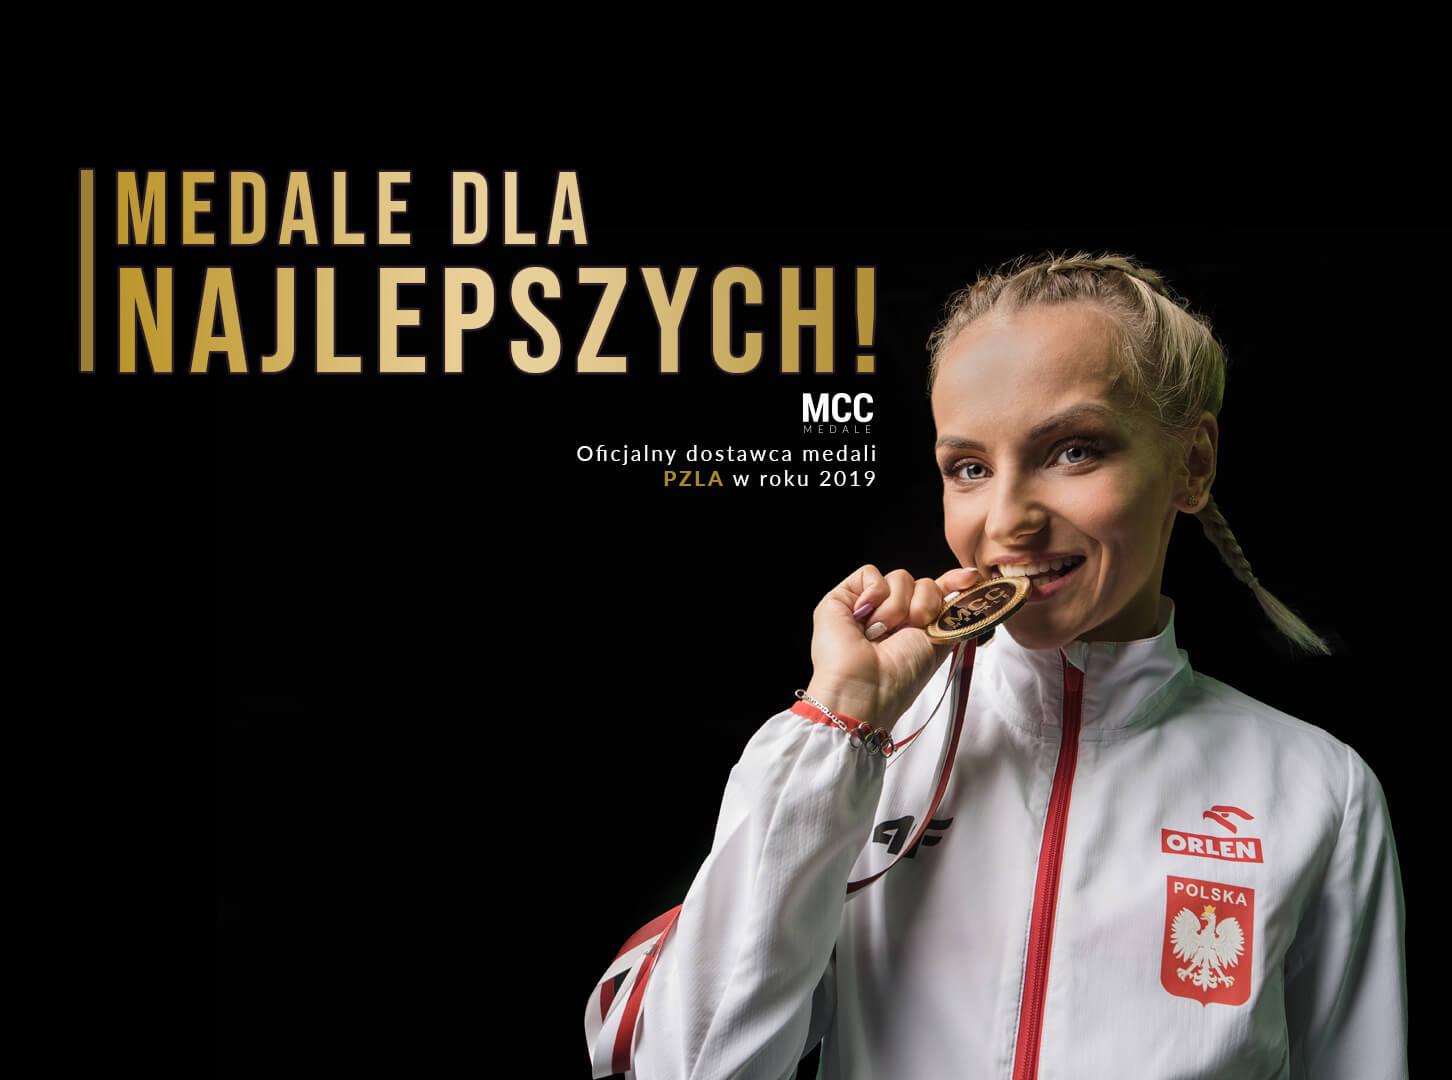 Justyna Święty - Ersetic twarzą akcji Medale dla najlepszych!